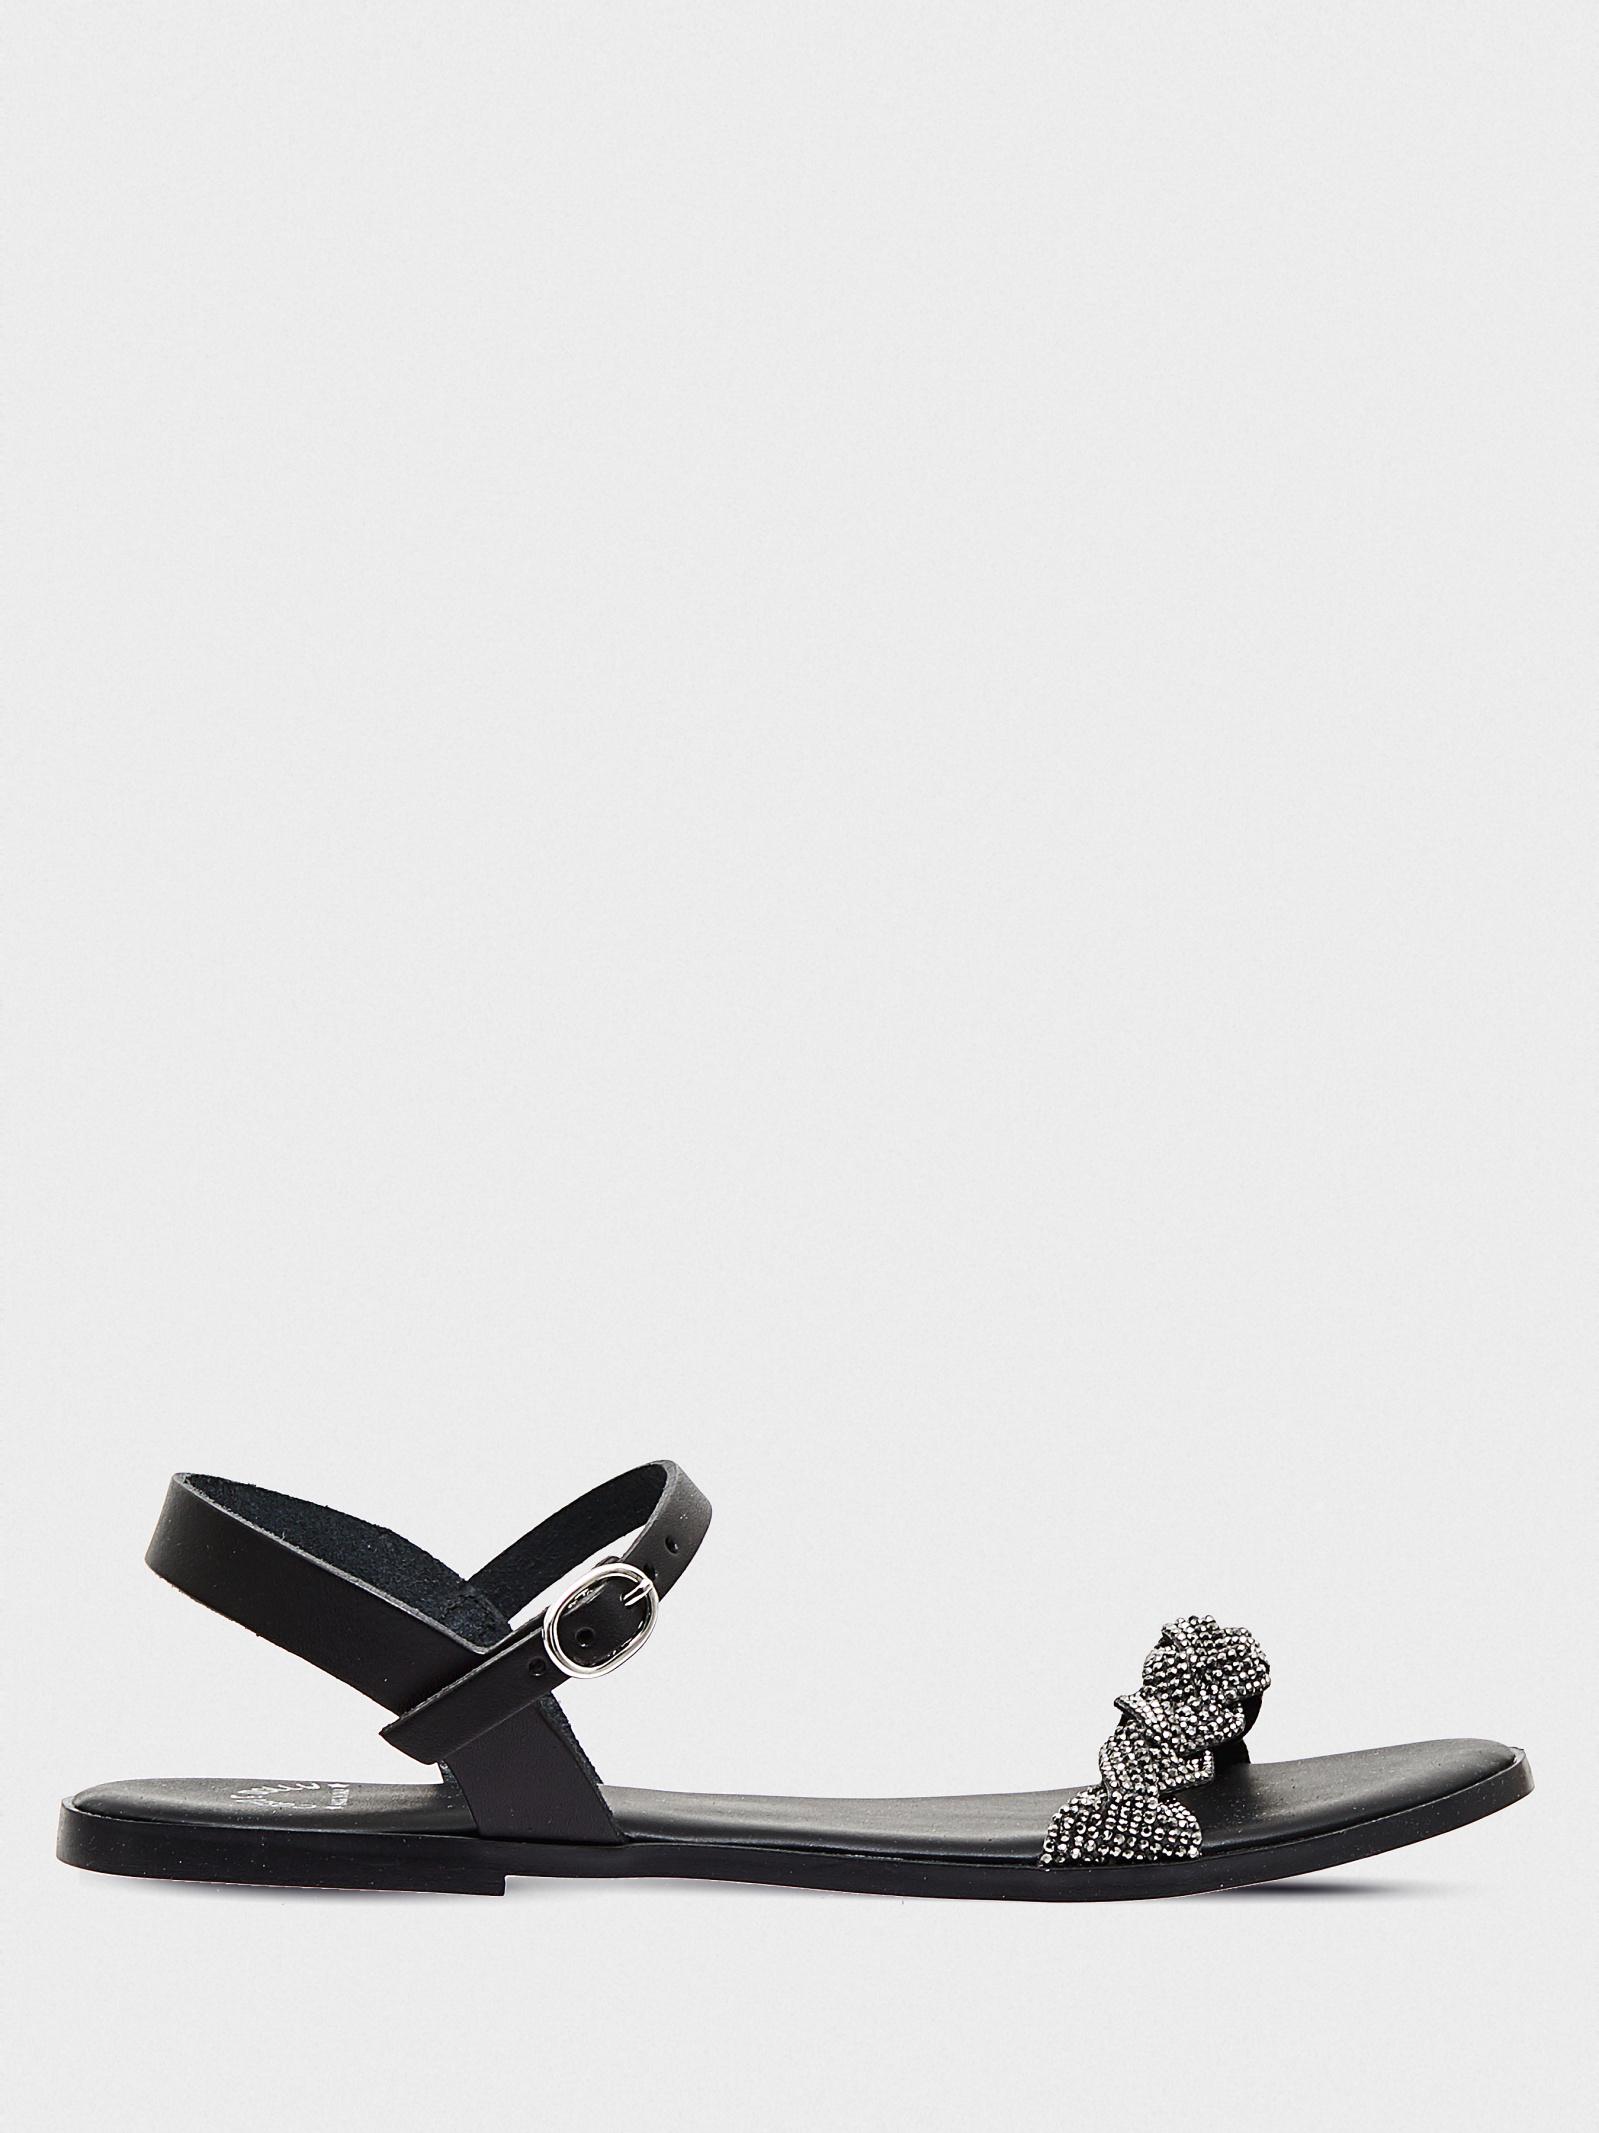 Сандалии женские Casta & Dolly 1S11722-5089 купить обувь, 2017